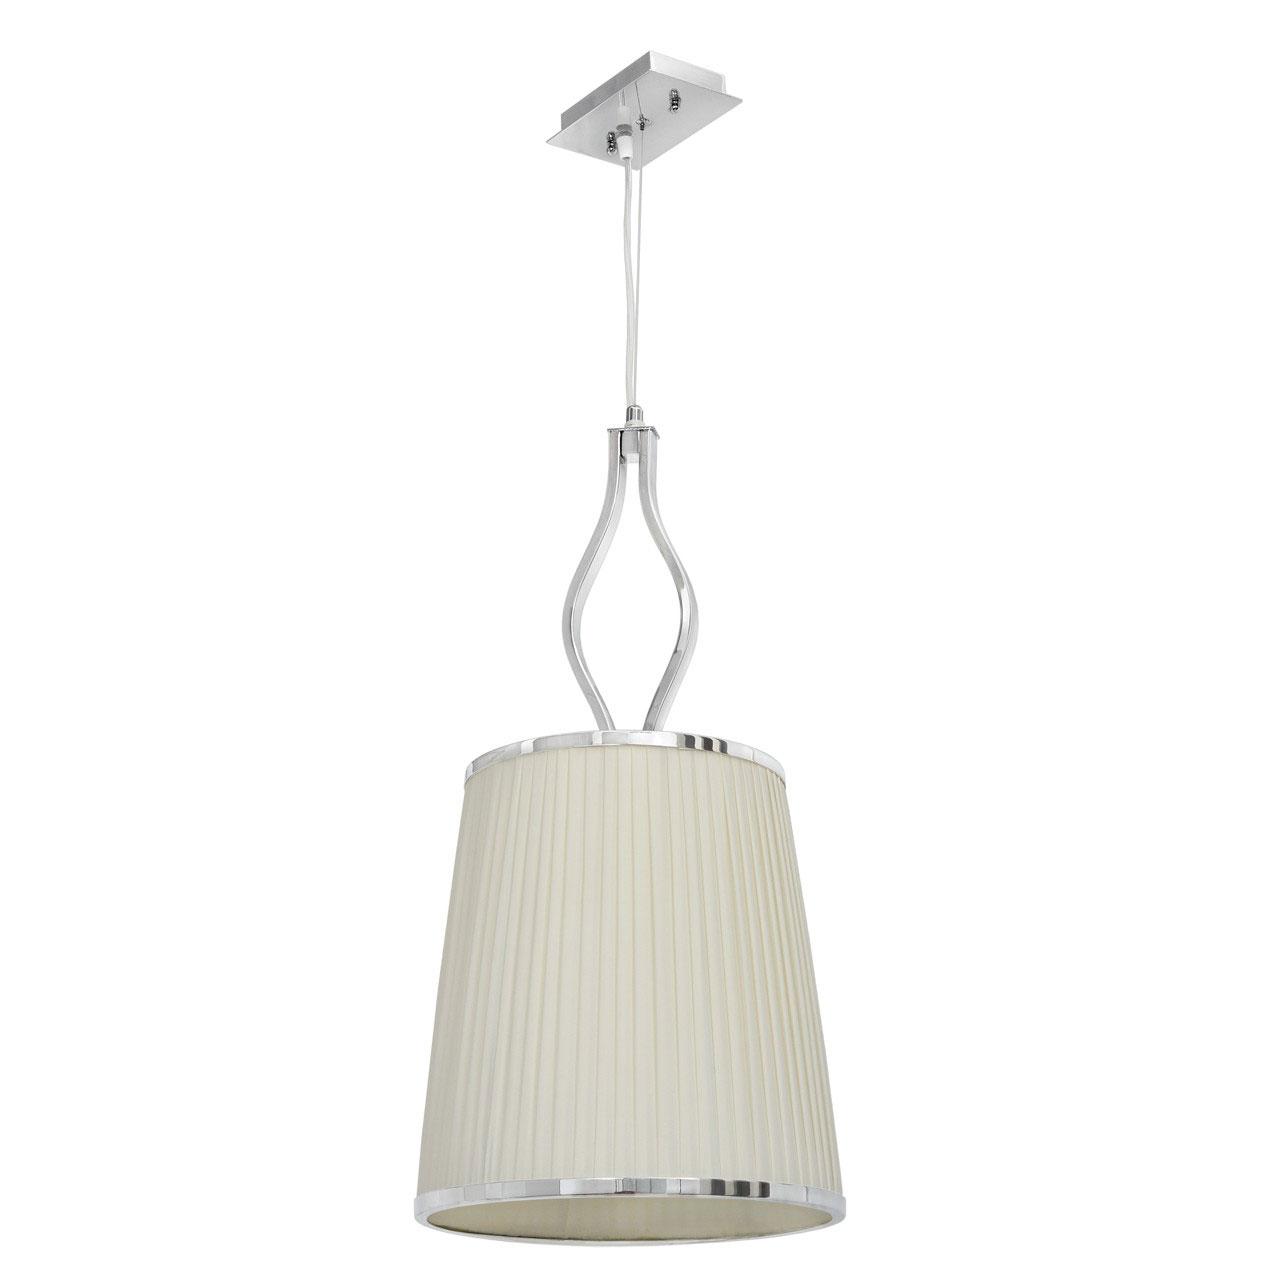 Люстра Chiaro 460010301 Инесса подвесной светильник chiaro инесса 460010604